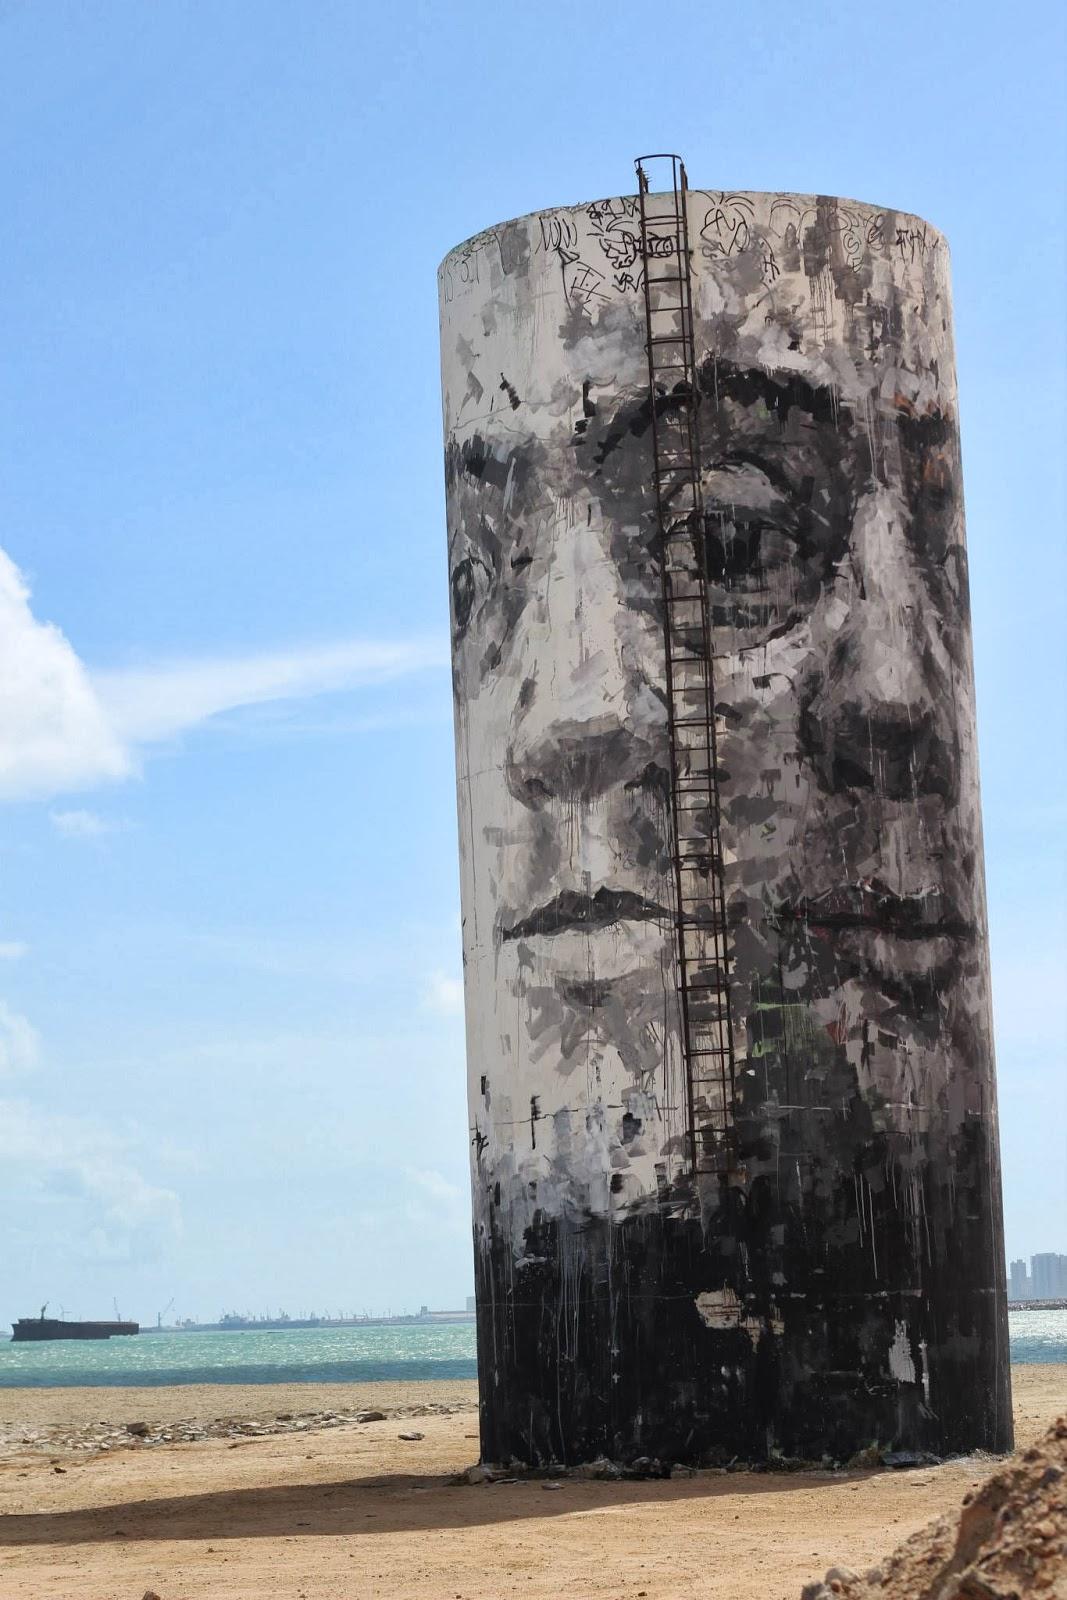 borondo-new-mural-at-festival-concreto-in-fortaleza-06